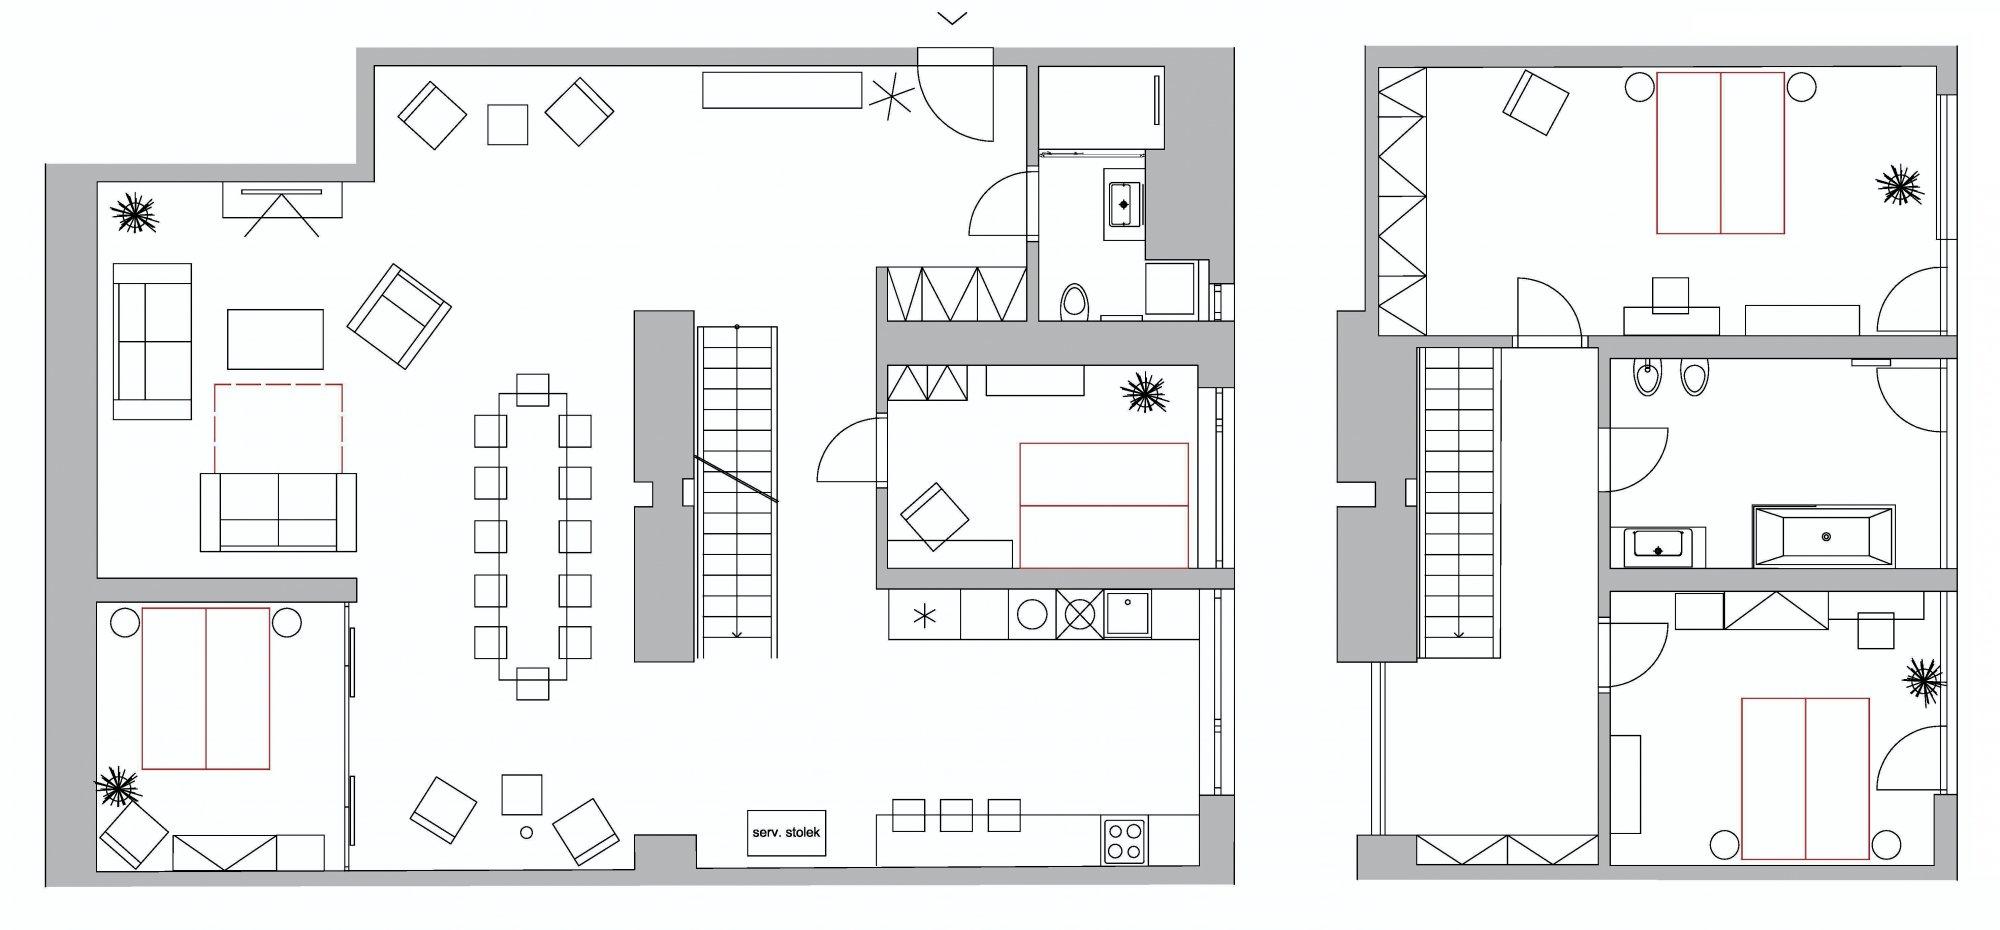 Půdorys - Půdní byt 5+kk, plocha 194 m², ulice Dlážděná, Praha 1 - Nové Město